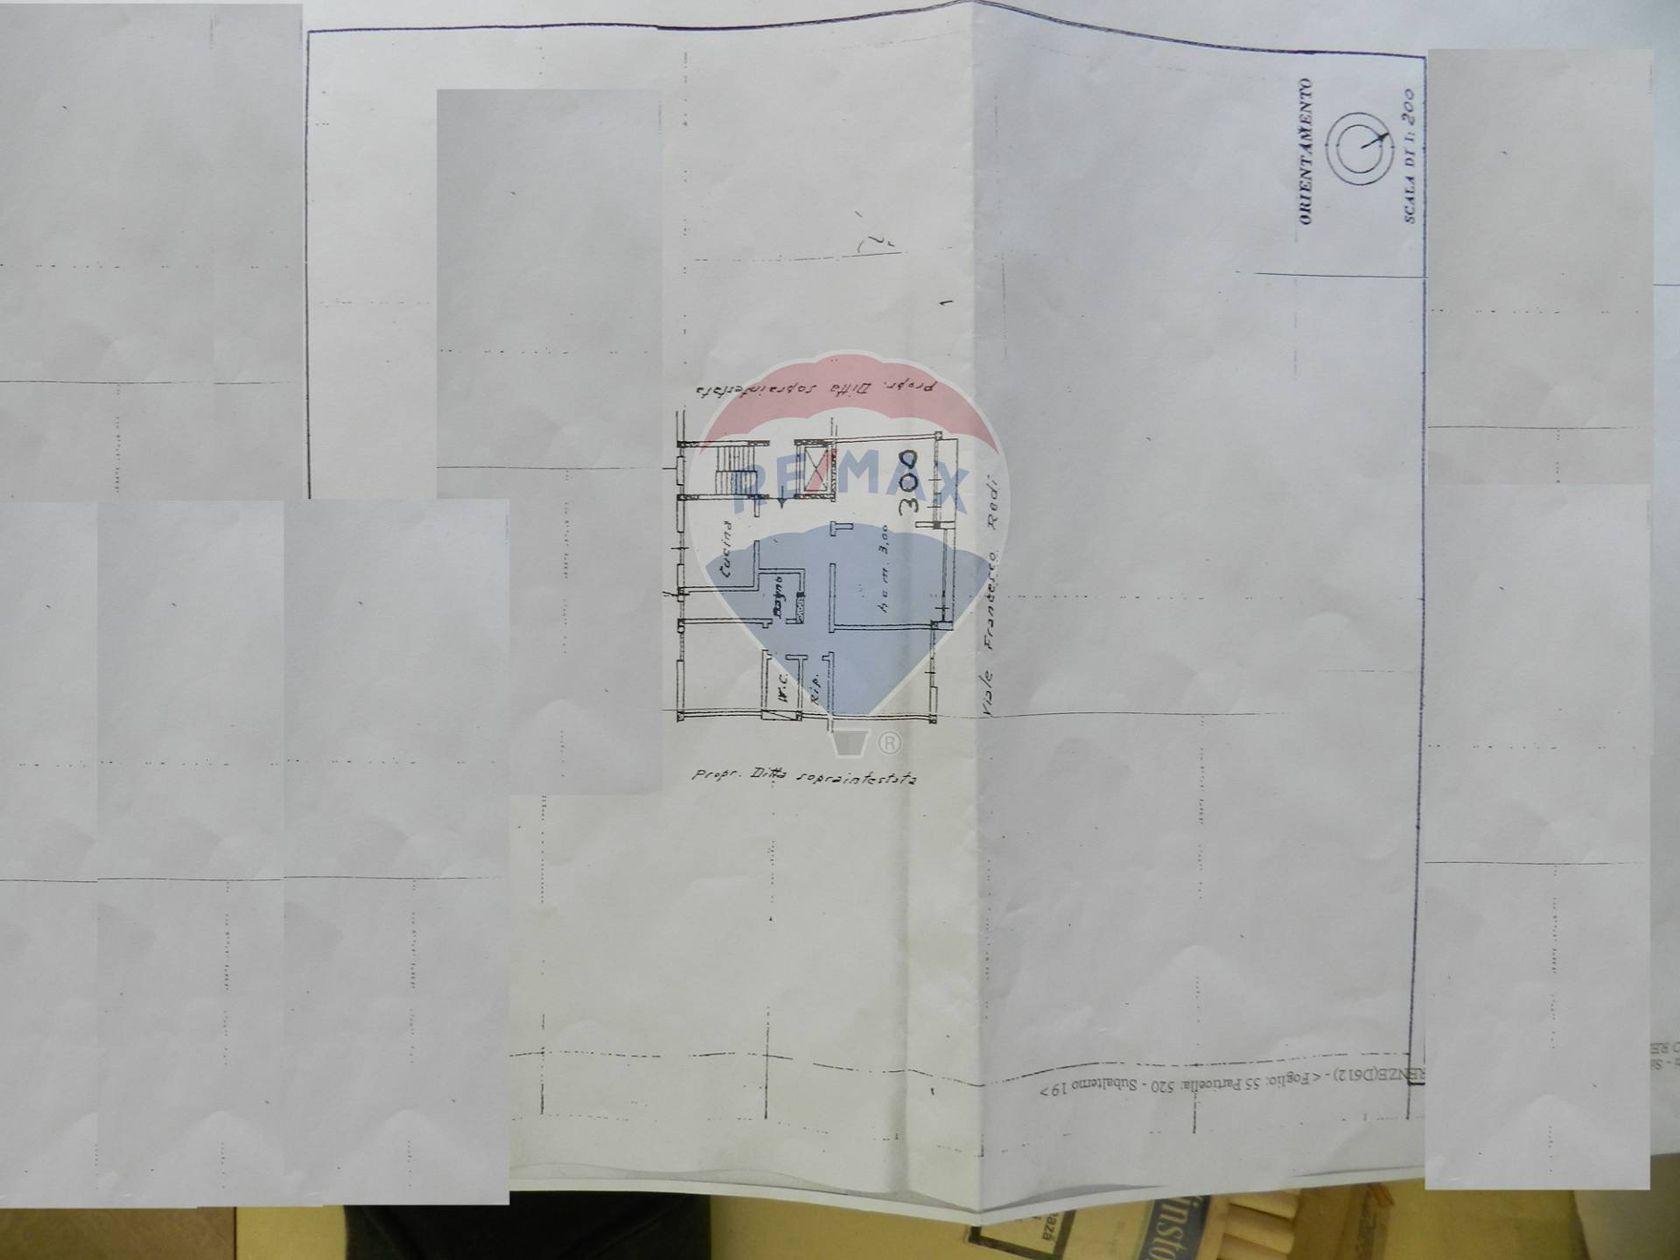 Appartamento Firenze - Porta A Prato San Jacopino Fortezza, Firenze, FI Vendita - Planimetria 4